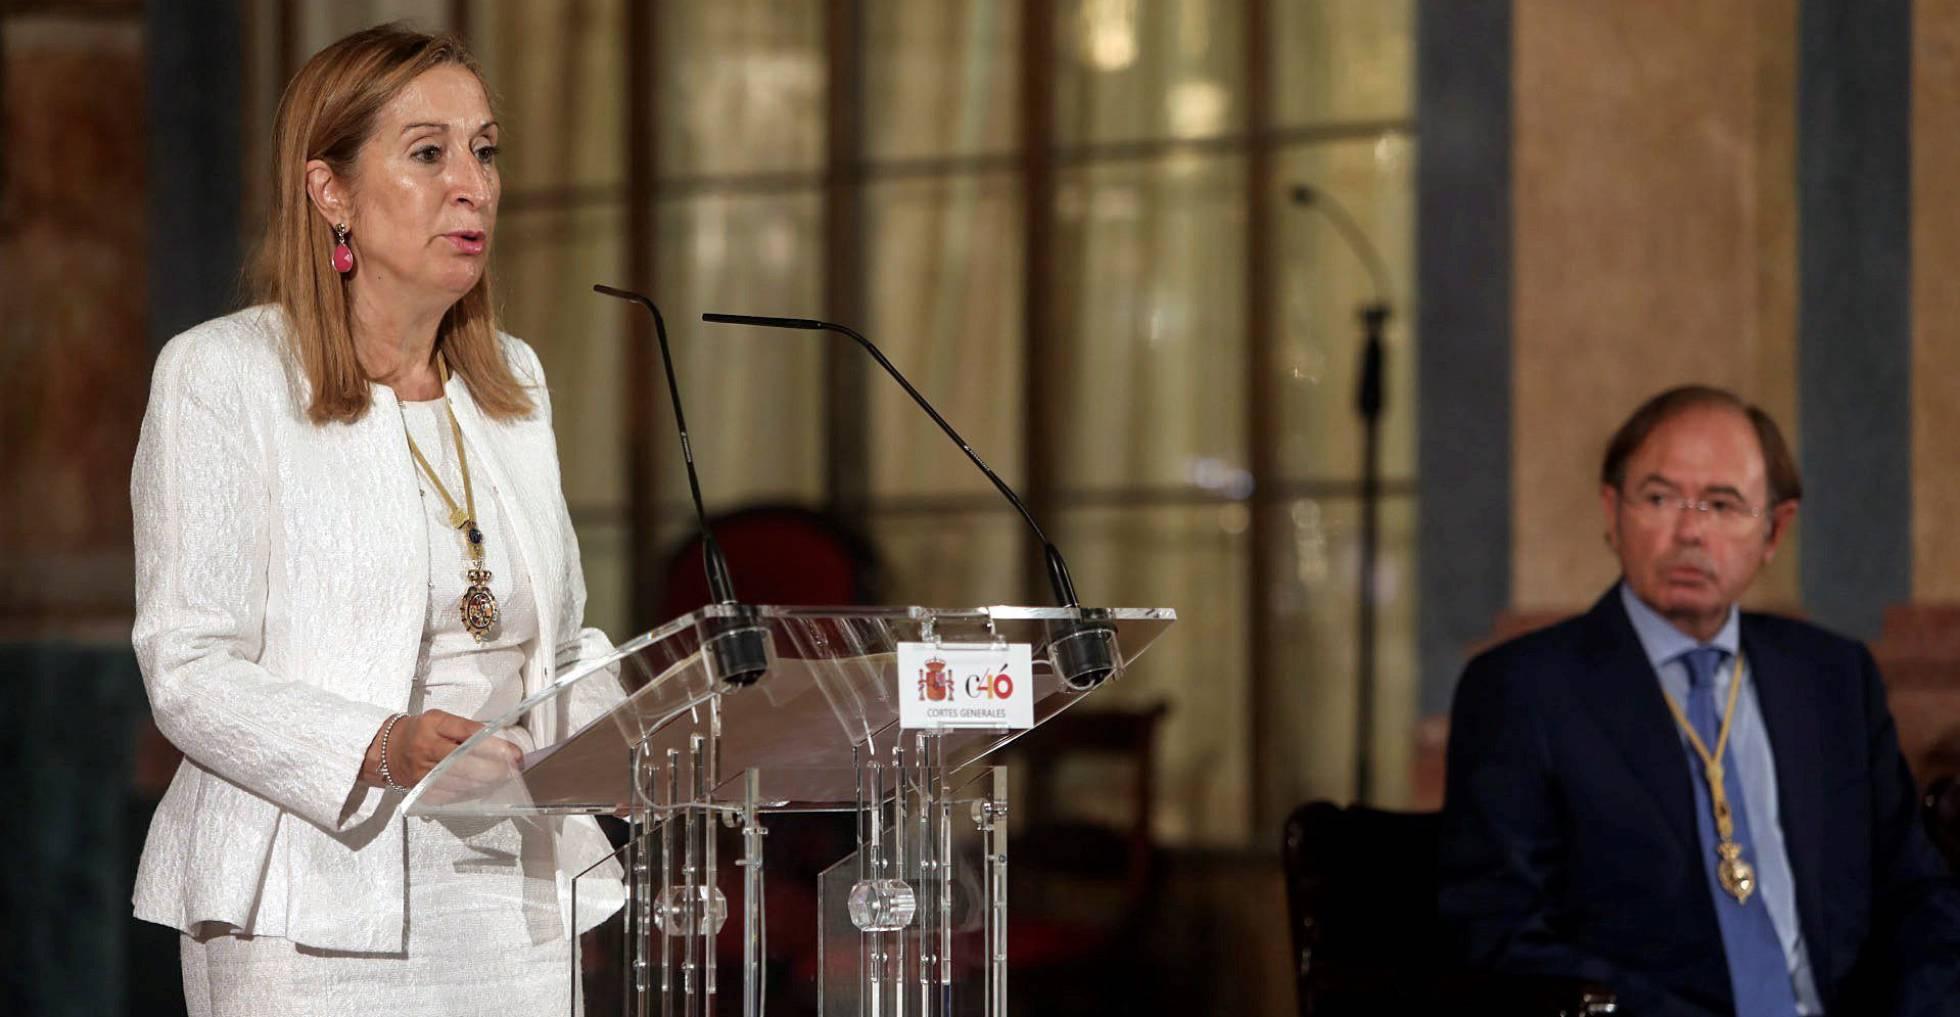 La presidenta del Congreso de los Diputados, Ana Pastor, junto al del Senado, Pío García Escuder, el pasado martes en Cádiz en un acto sobre la Constitución.